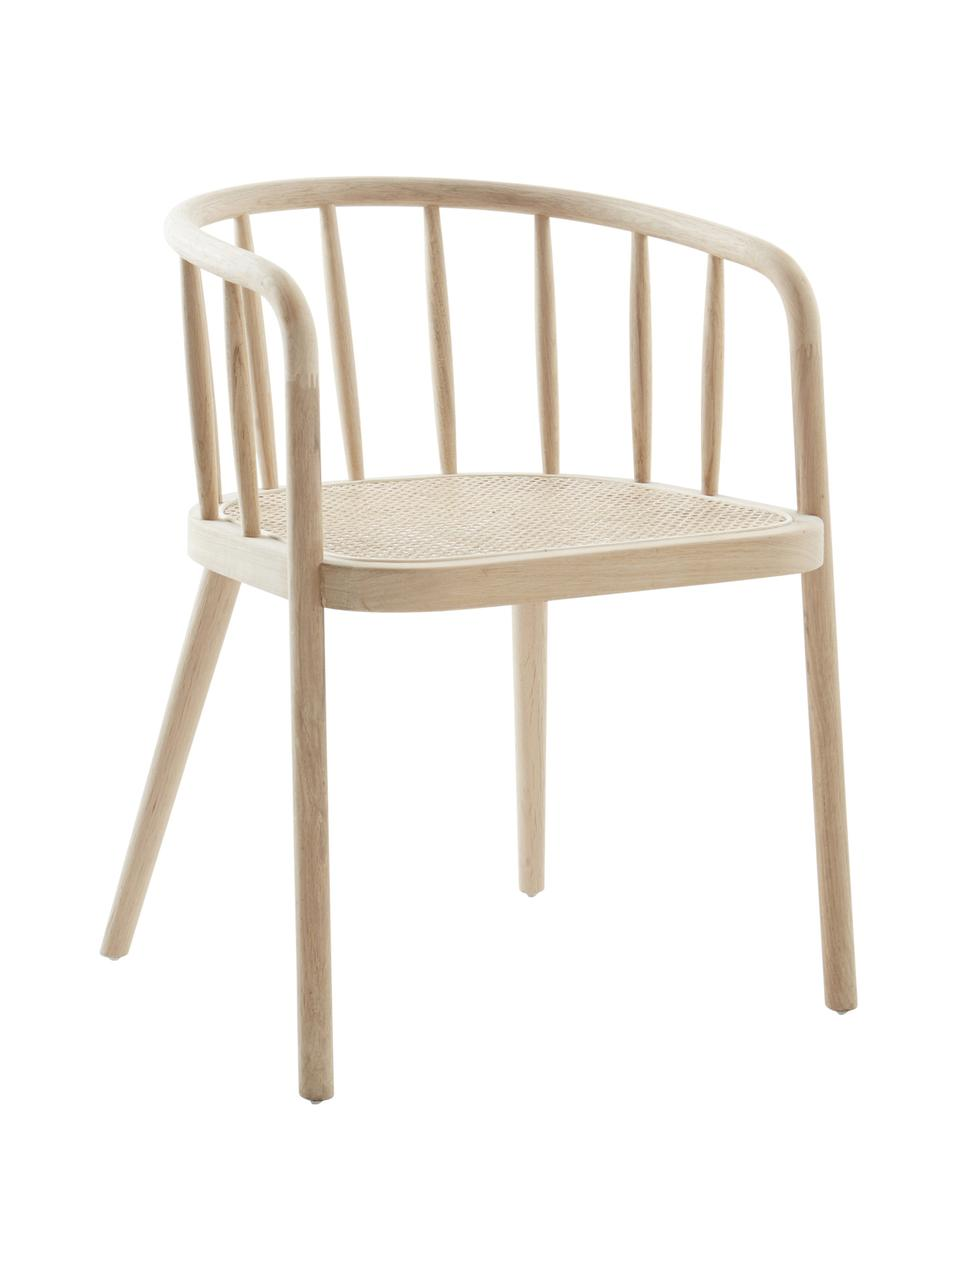 Holzstuhl Stocksund mit Wiener Geflecht, Rahmen: Eichenholz, lackiert, Sitzfläche: Rattan, Beige, B 56 x T 54 cm